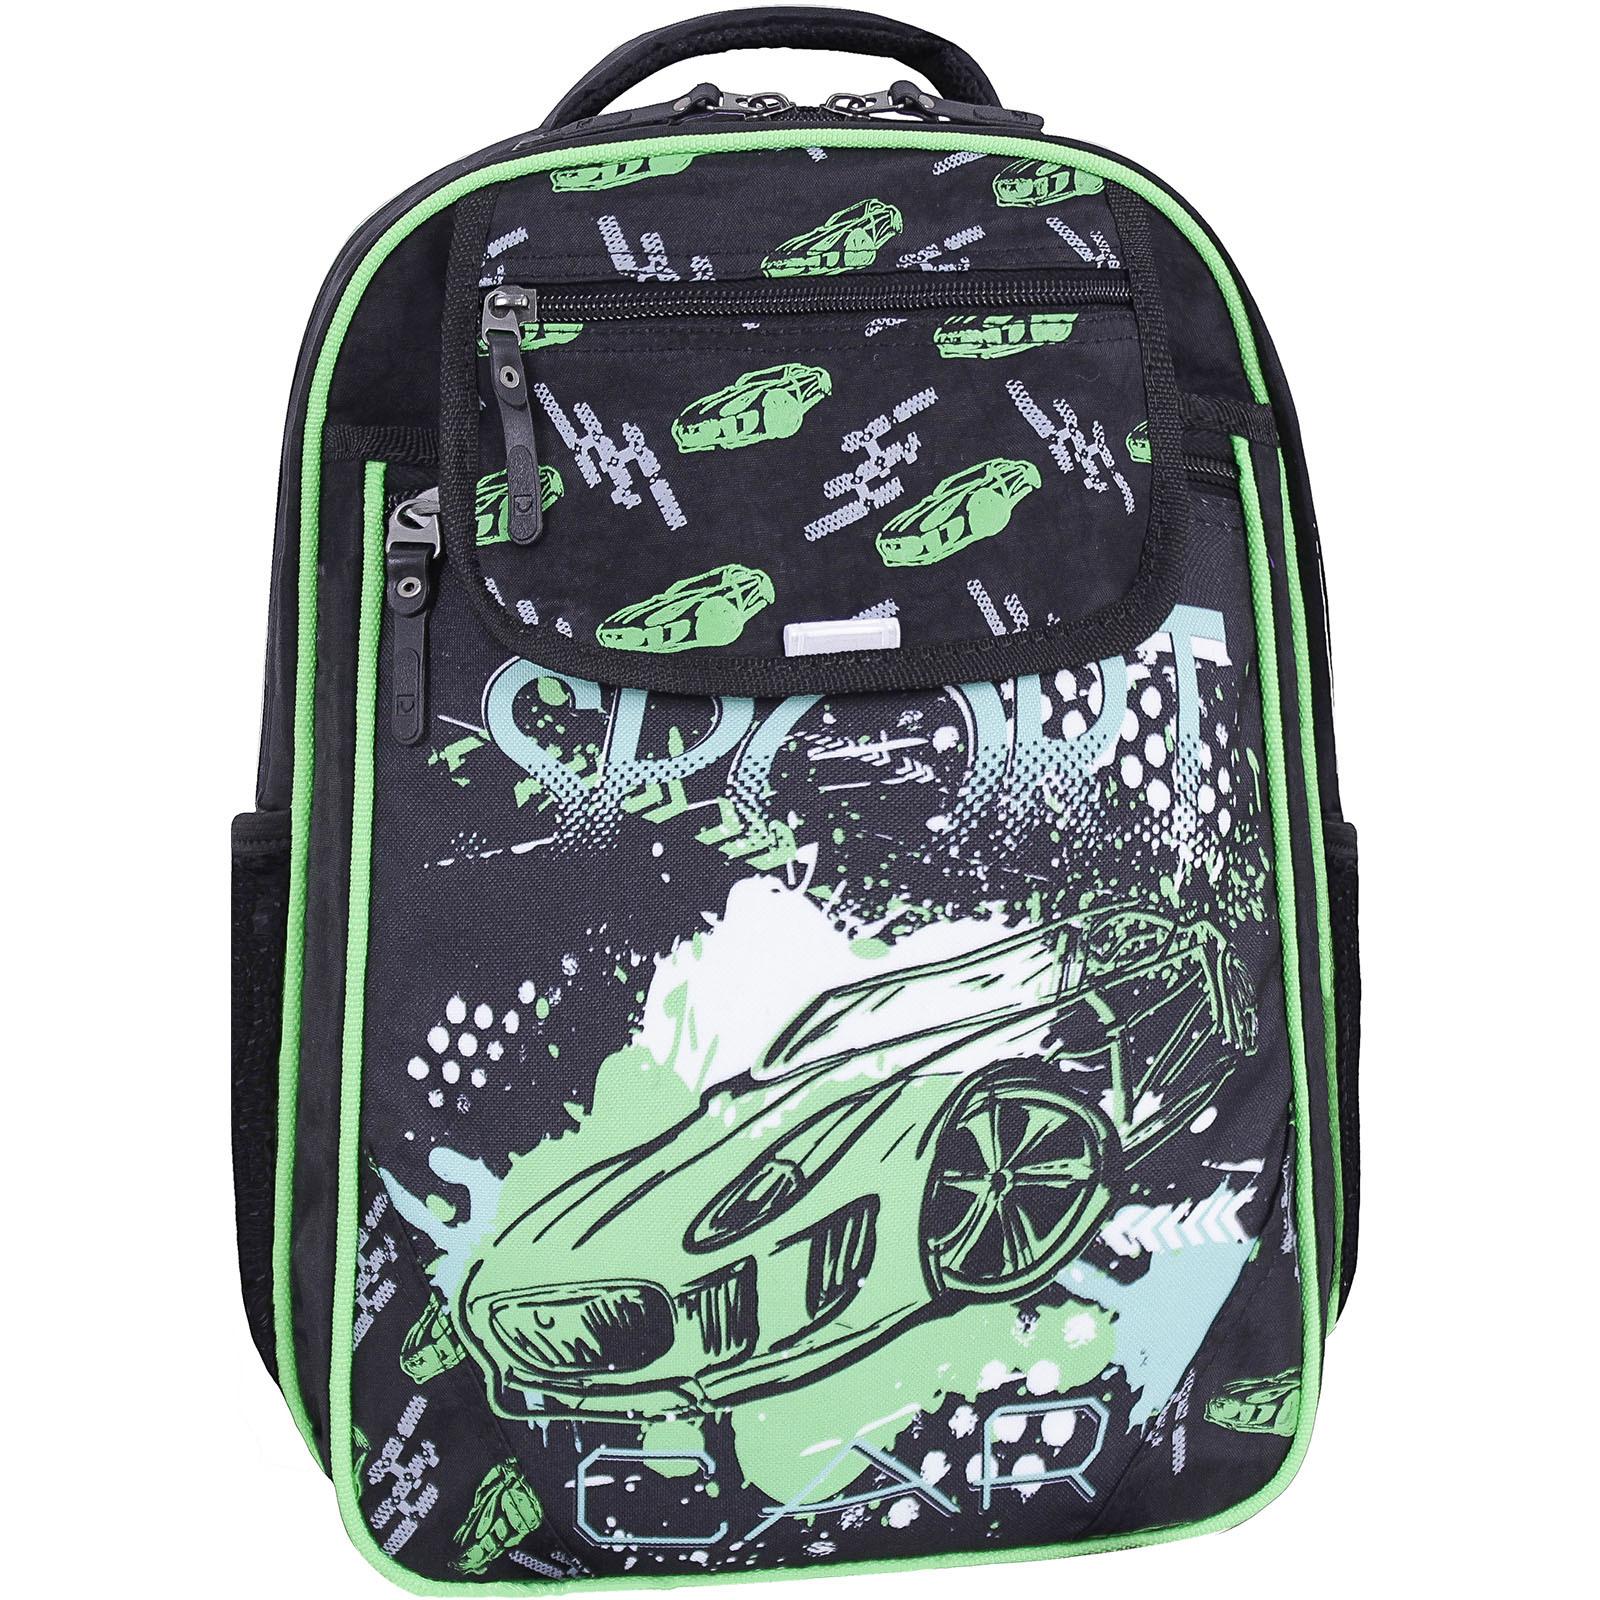 Рюкзак школьный Bagland Отличник 20 л. черный 670 (0058070)